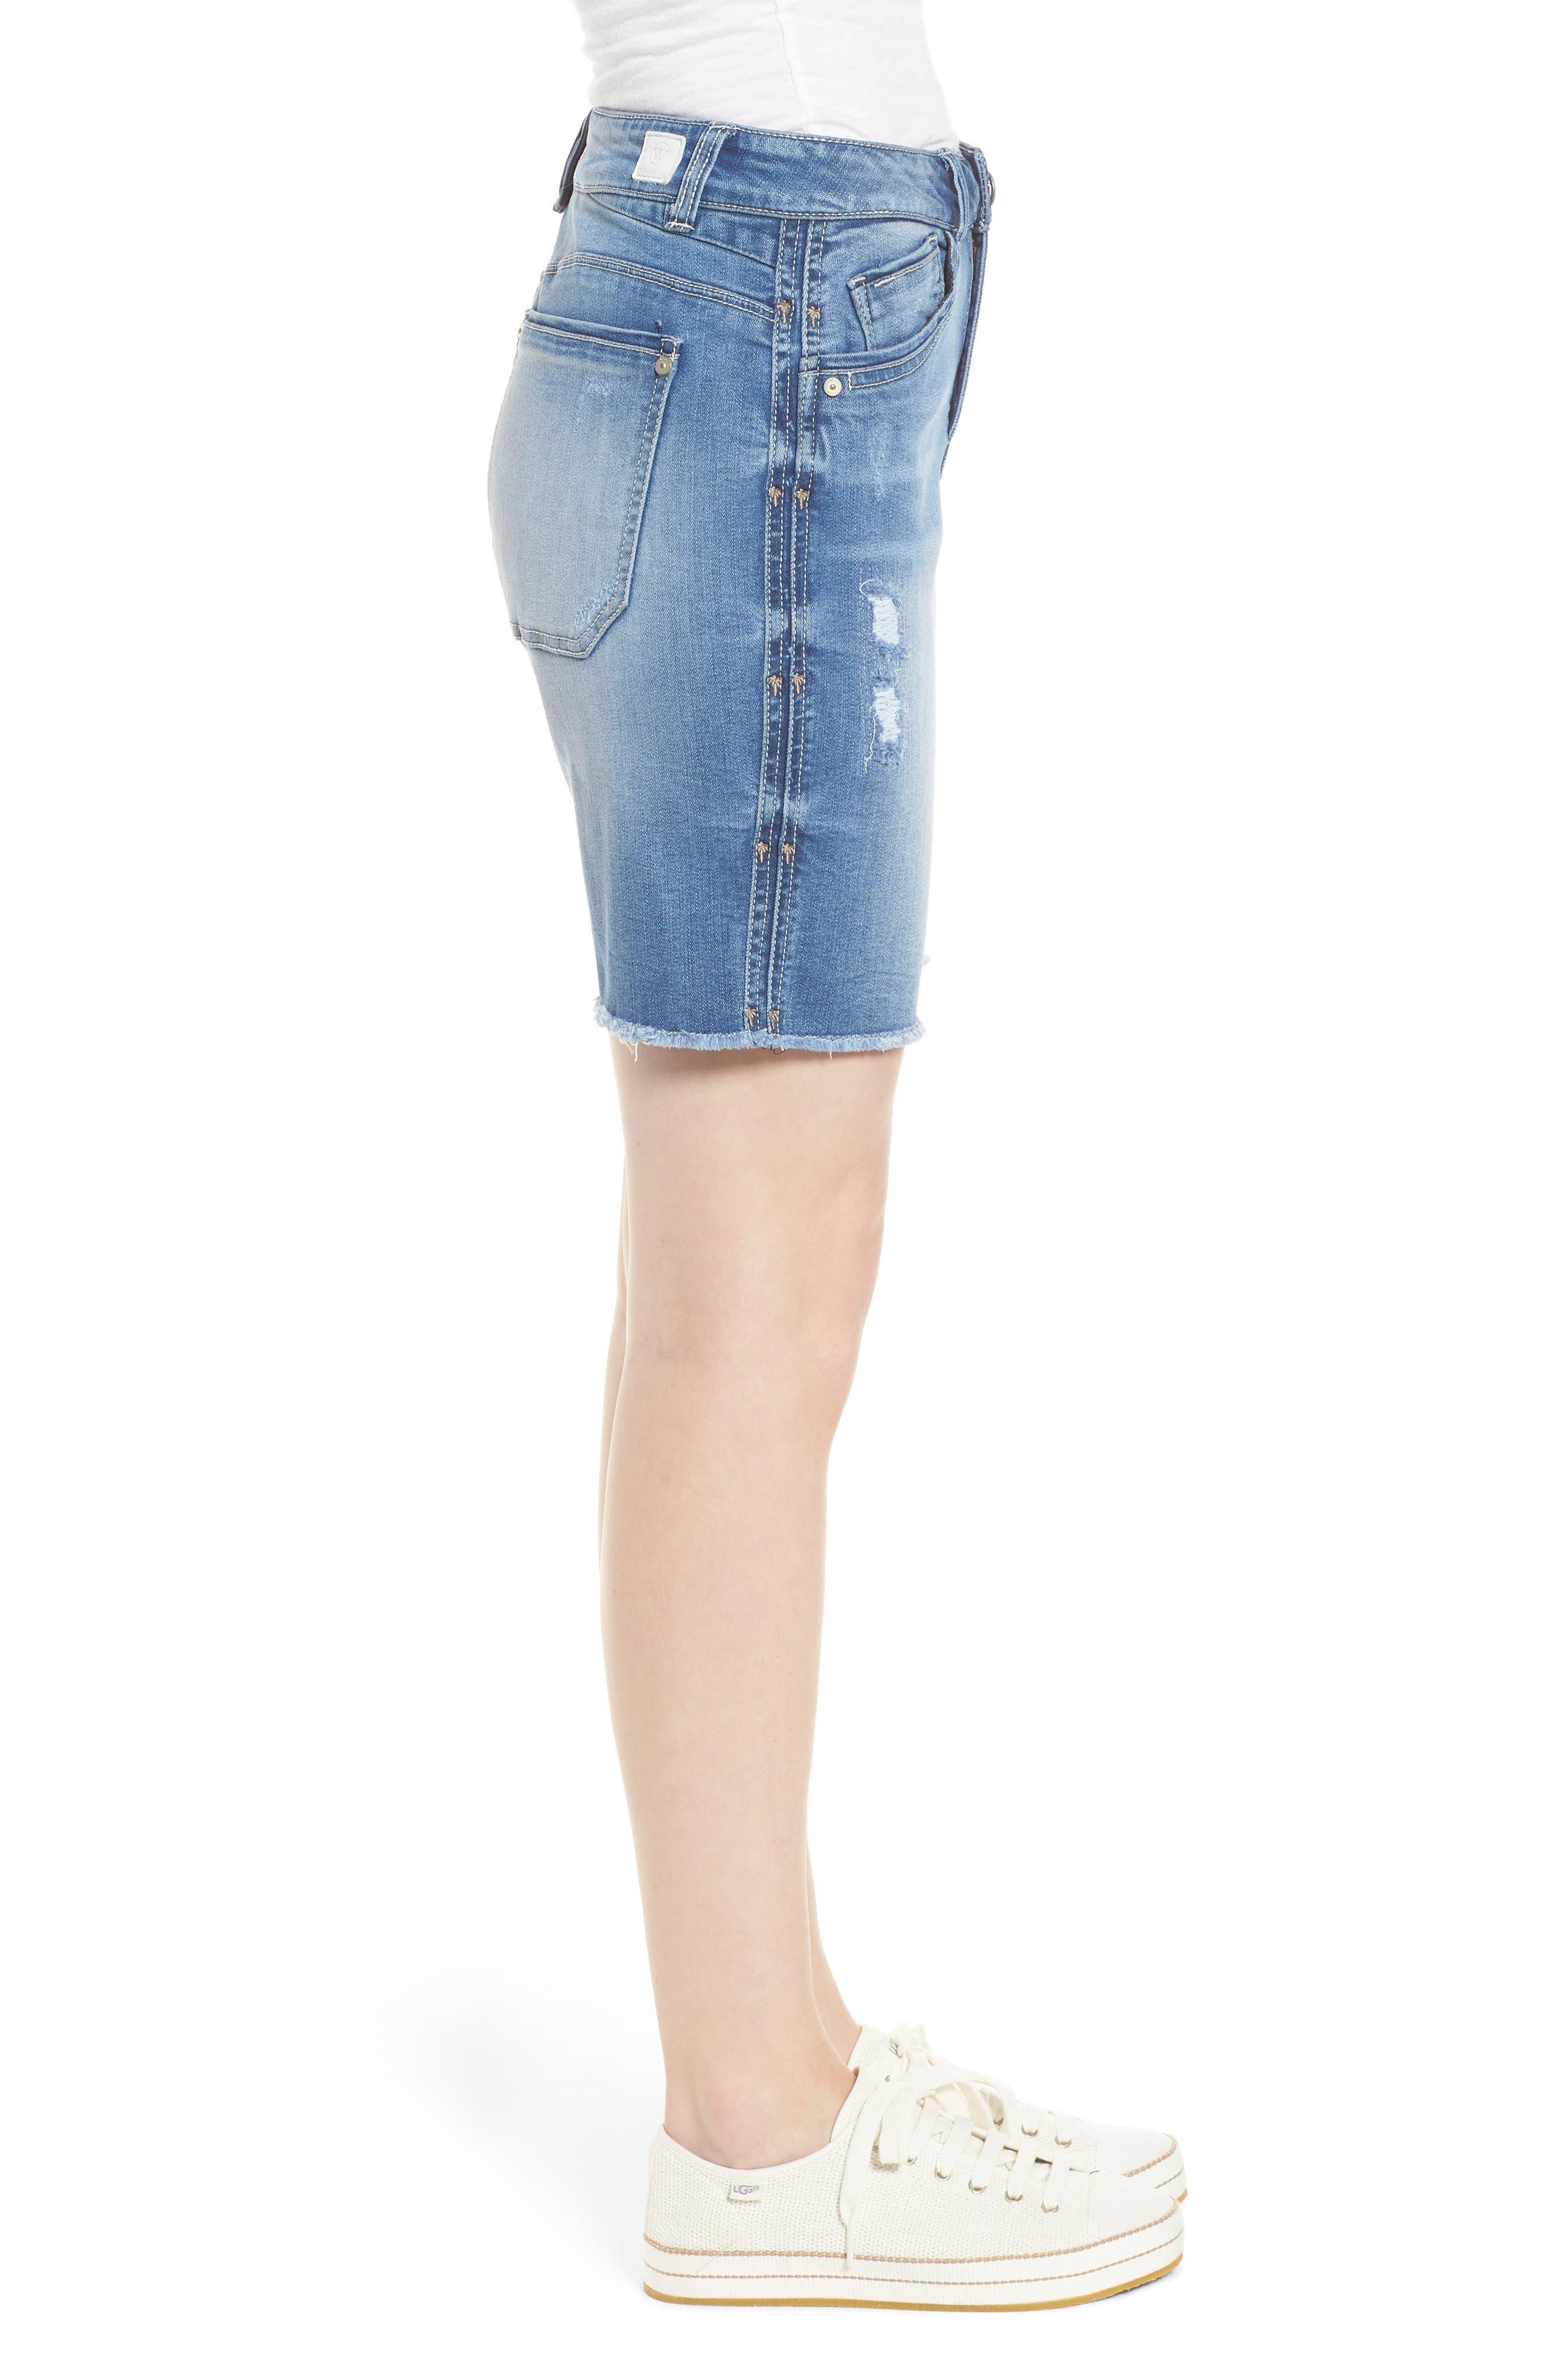 Flex-Ellent High Rise Denim Shorts,                             Alternate thumbnail 3, color,                             Light Blue